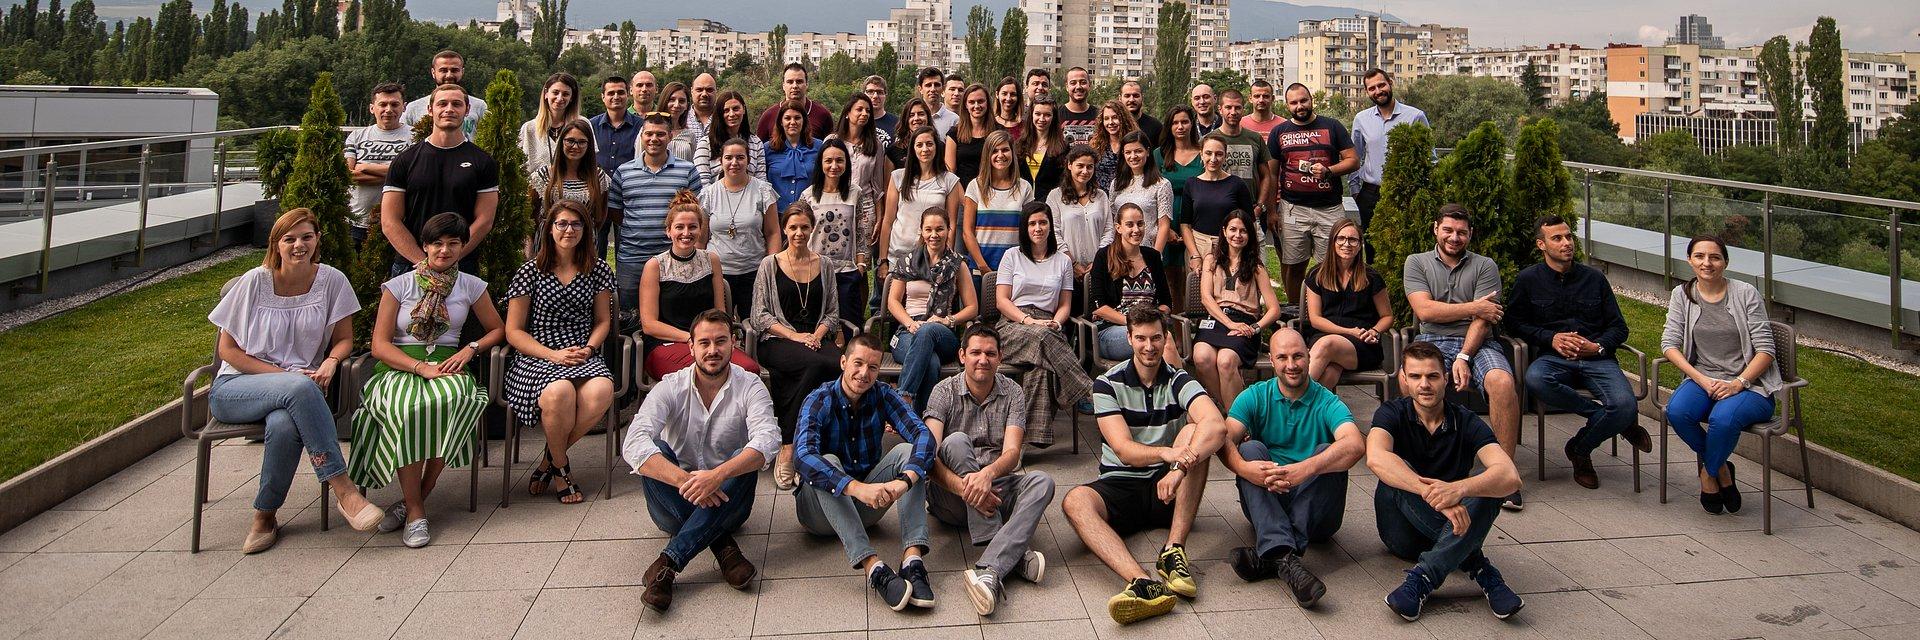 VMware България е мултифункционален хъб с големи таланти в сферата на бизнеса и финансите